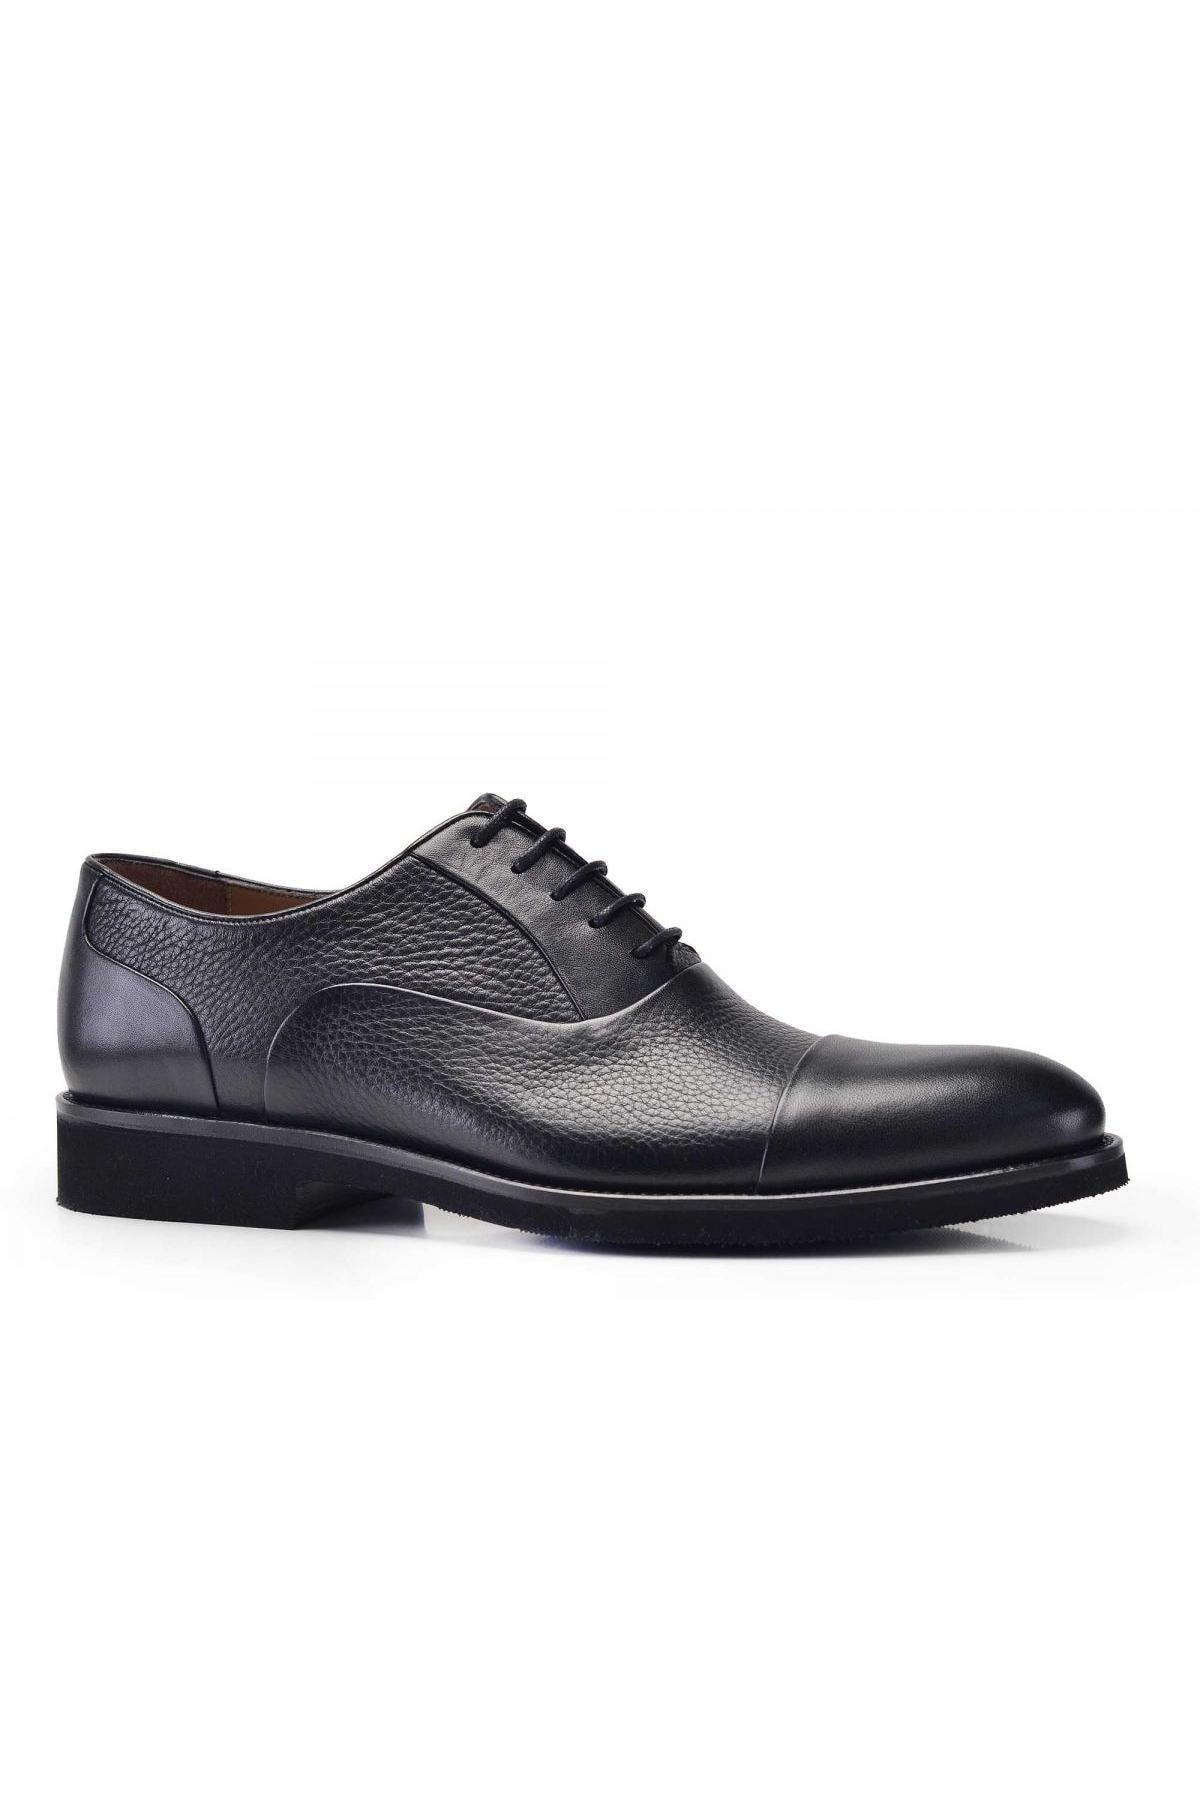 Nevzat Onay Hakiki Deri Siyah Bağcıklı Erkek Ayakkabı 2